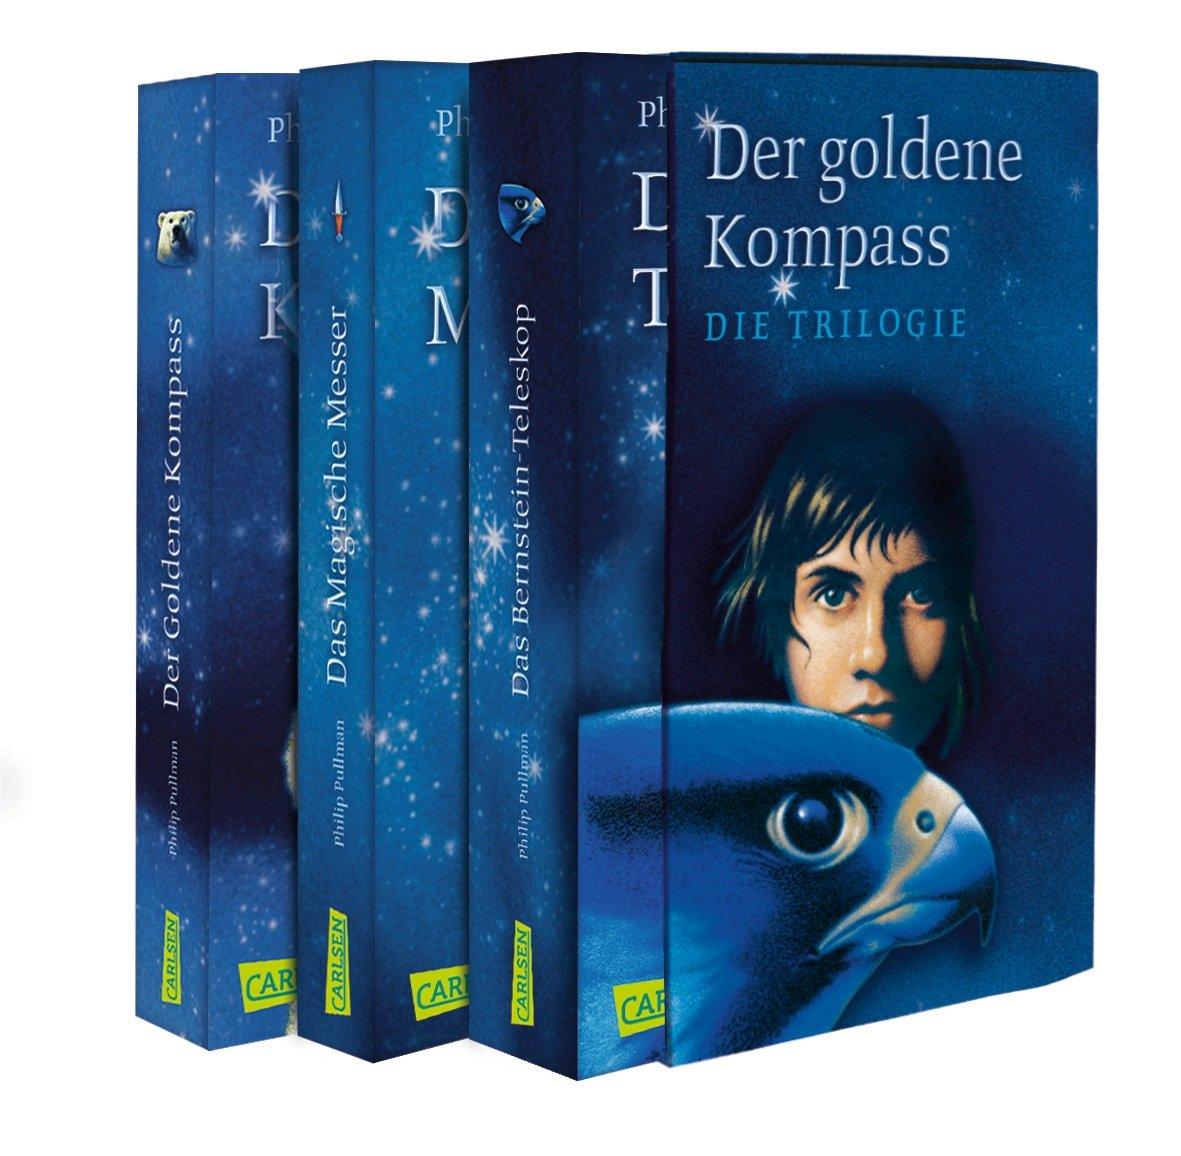 Der Goldene Kompass Buch Der Goldene Kompass…